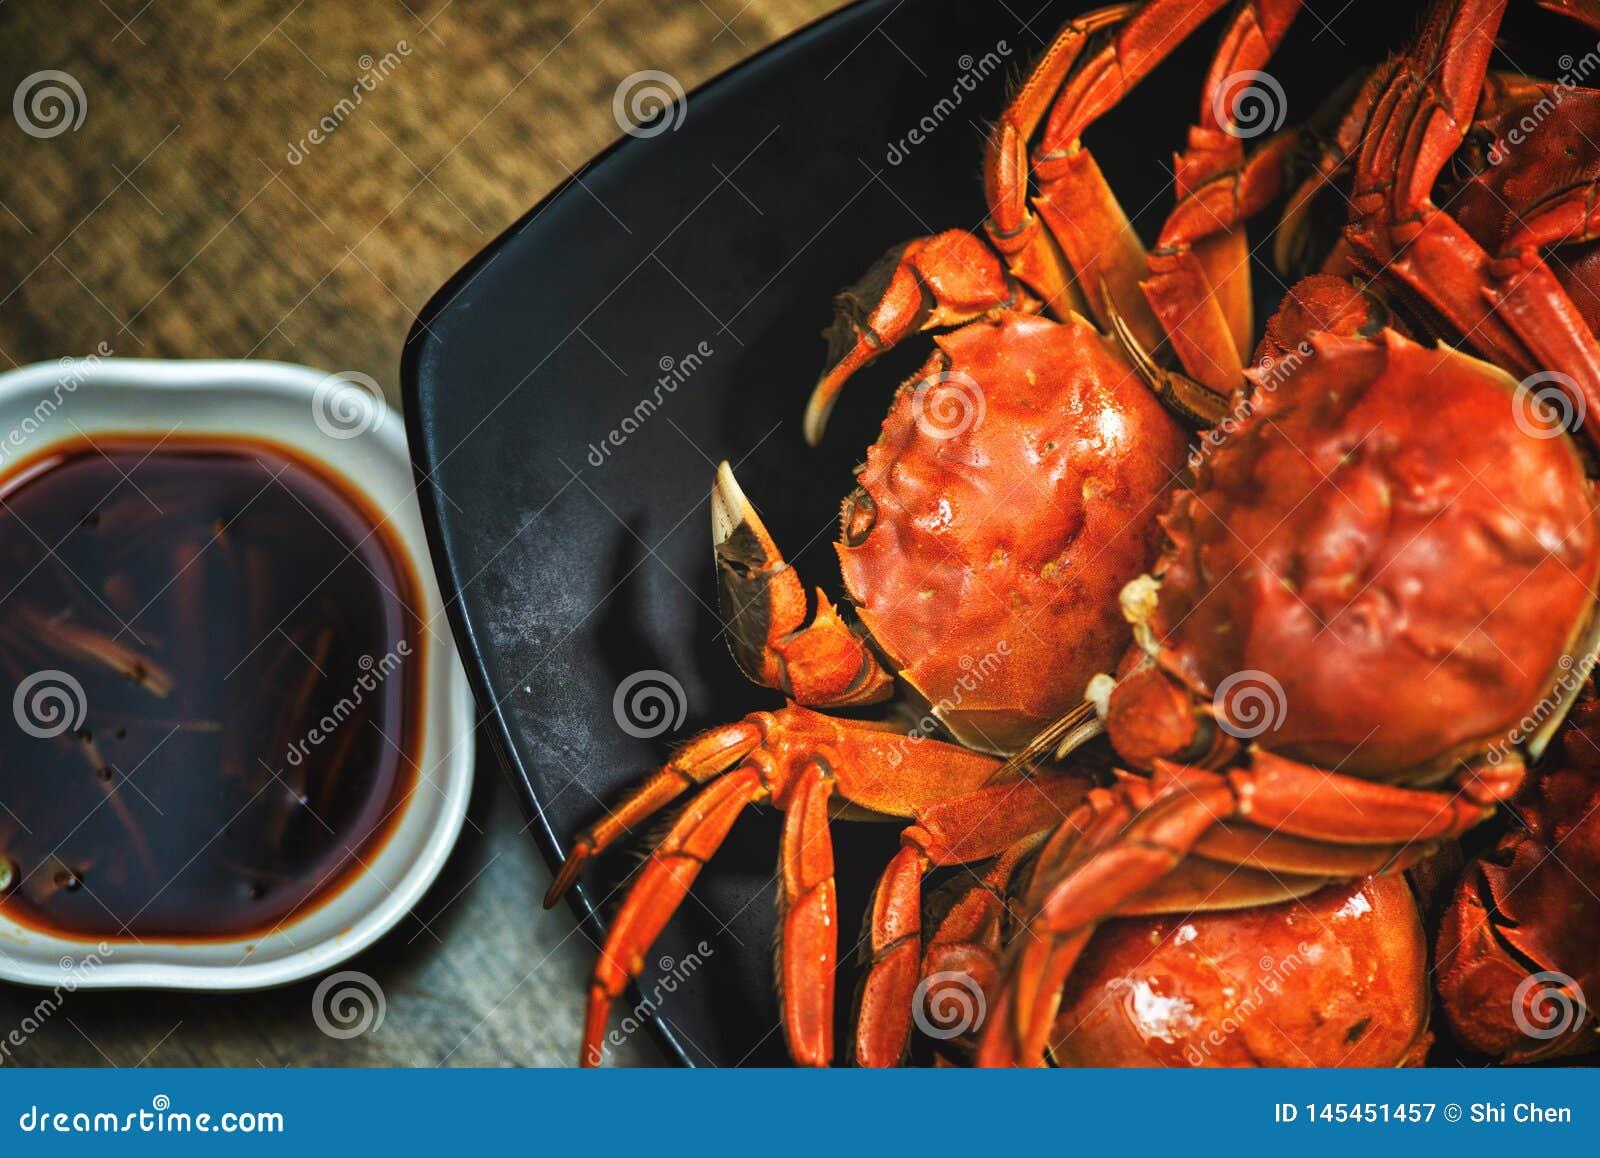 Le crabe velu de nourriture de Sichuan de crabe chinois de cuisine a cuit le crabe à la vapeur velu